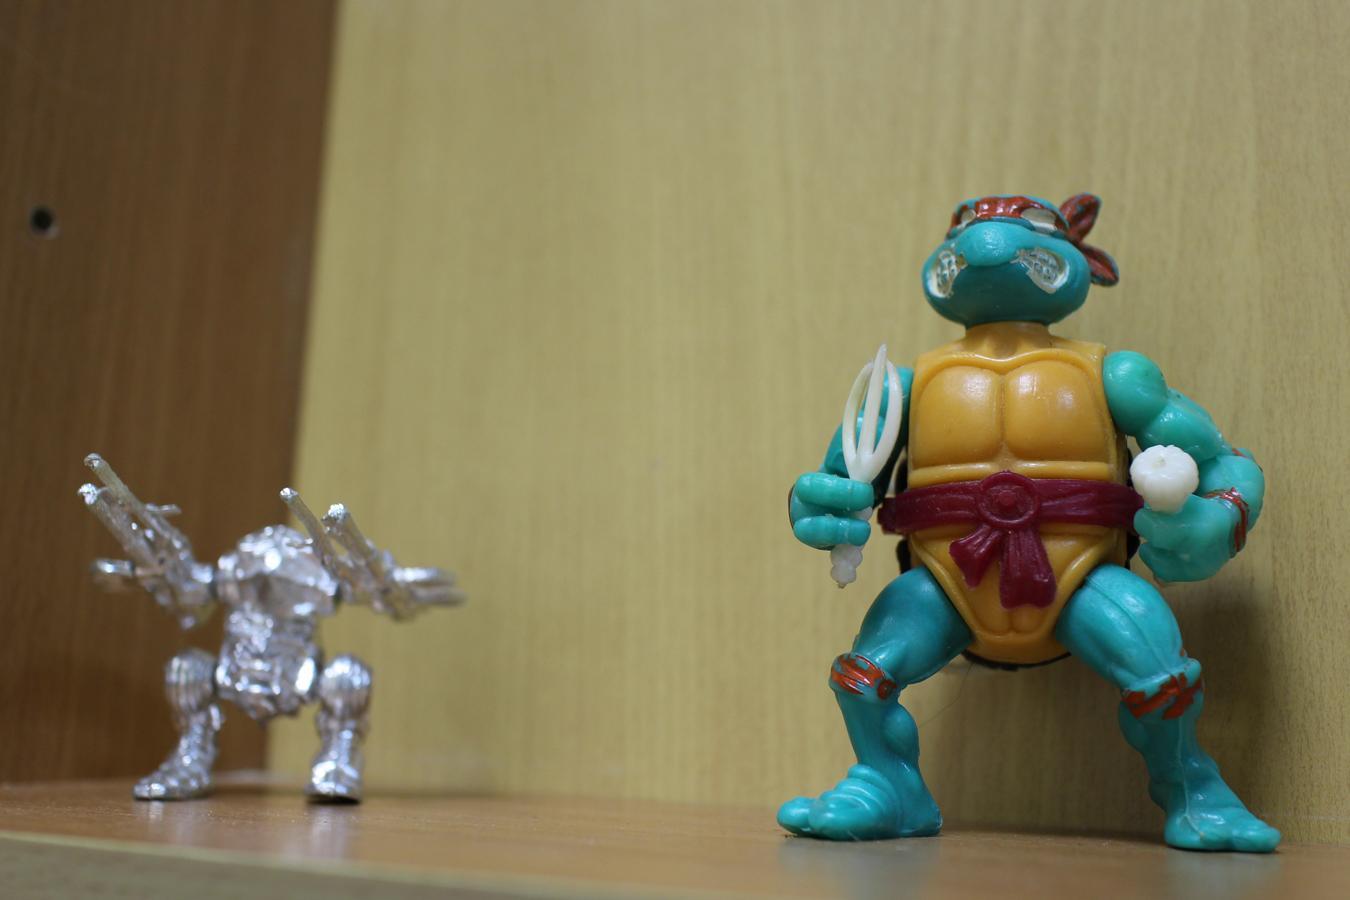 Дети также обожали играть в таких пластиковых трансформеров, особым шиком было заполучить черепашку-ниндзя